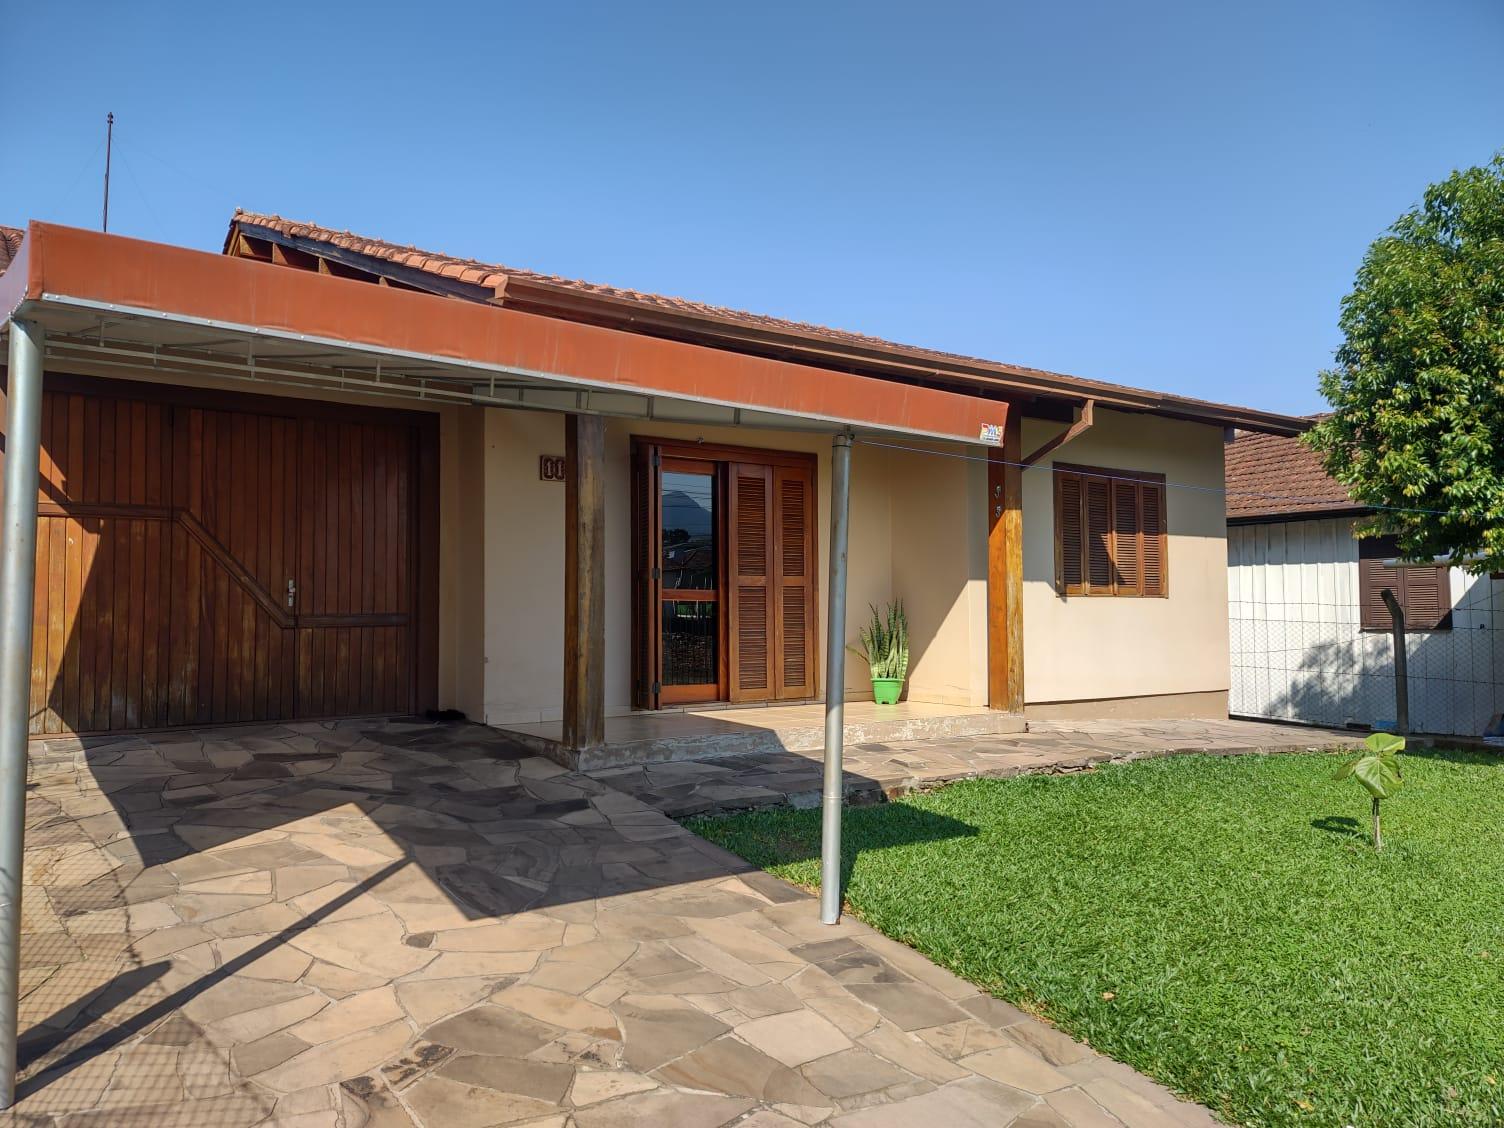 Fotos do imóvel Vendo Ótima Casa no Centro de Nova Hartz - Sparrenberger Imóveis